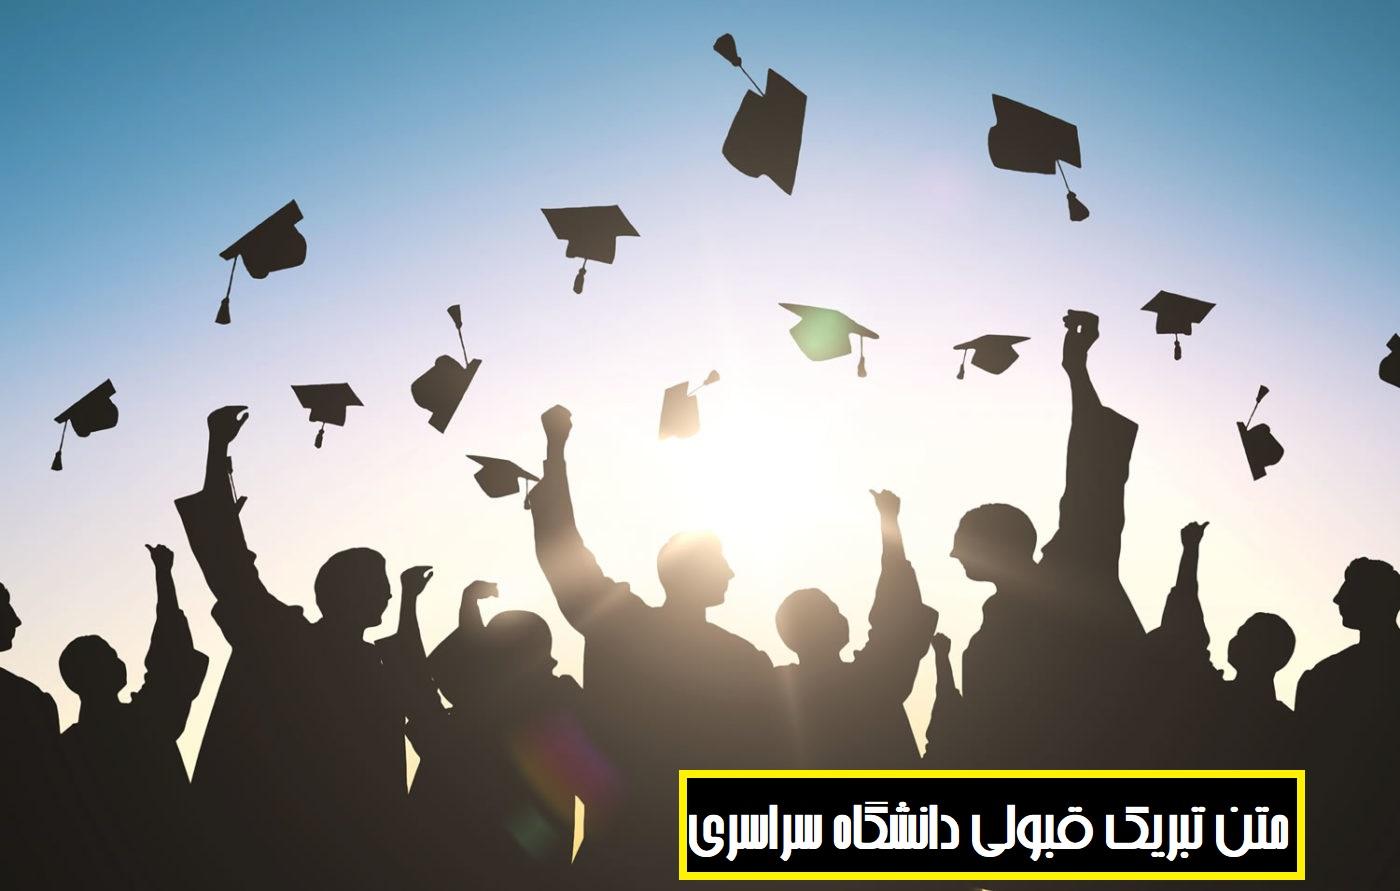 متن تبریک قبولی دانشگاه سراسری